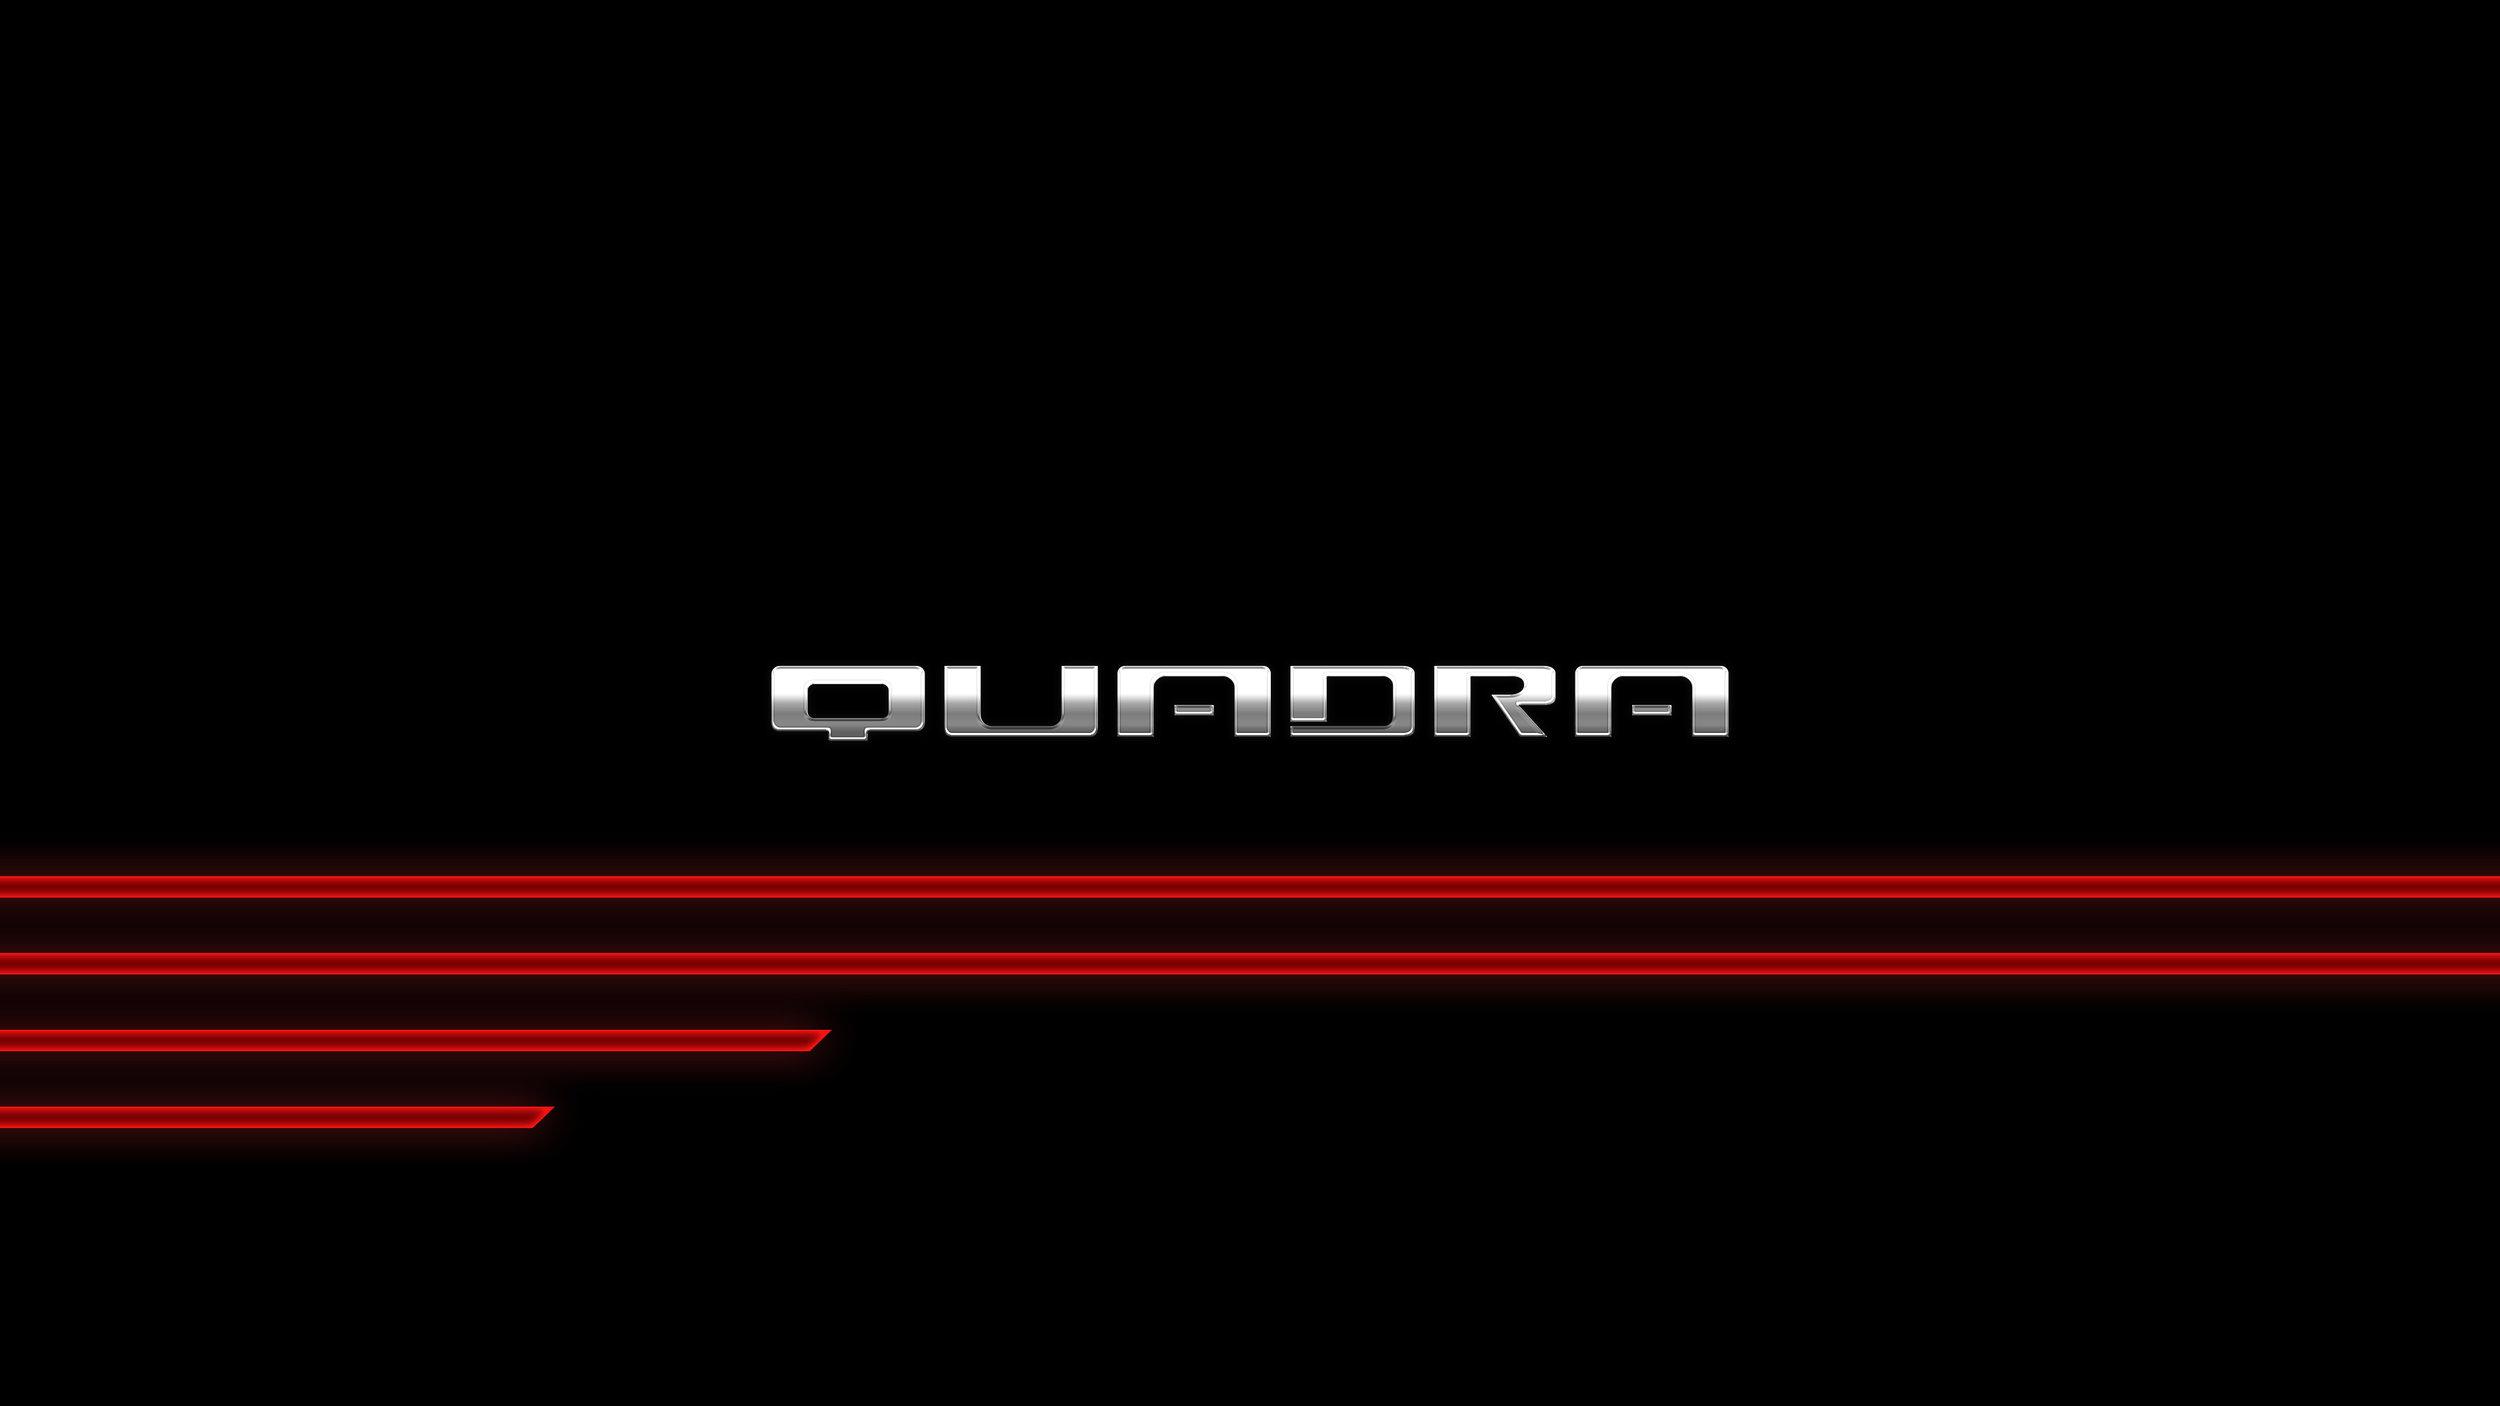 Quadra 4K Wallpaper